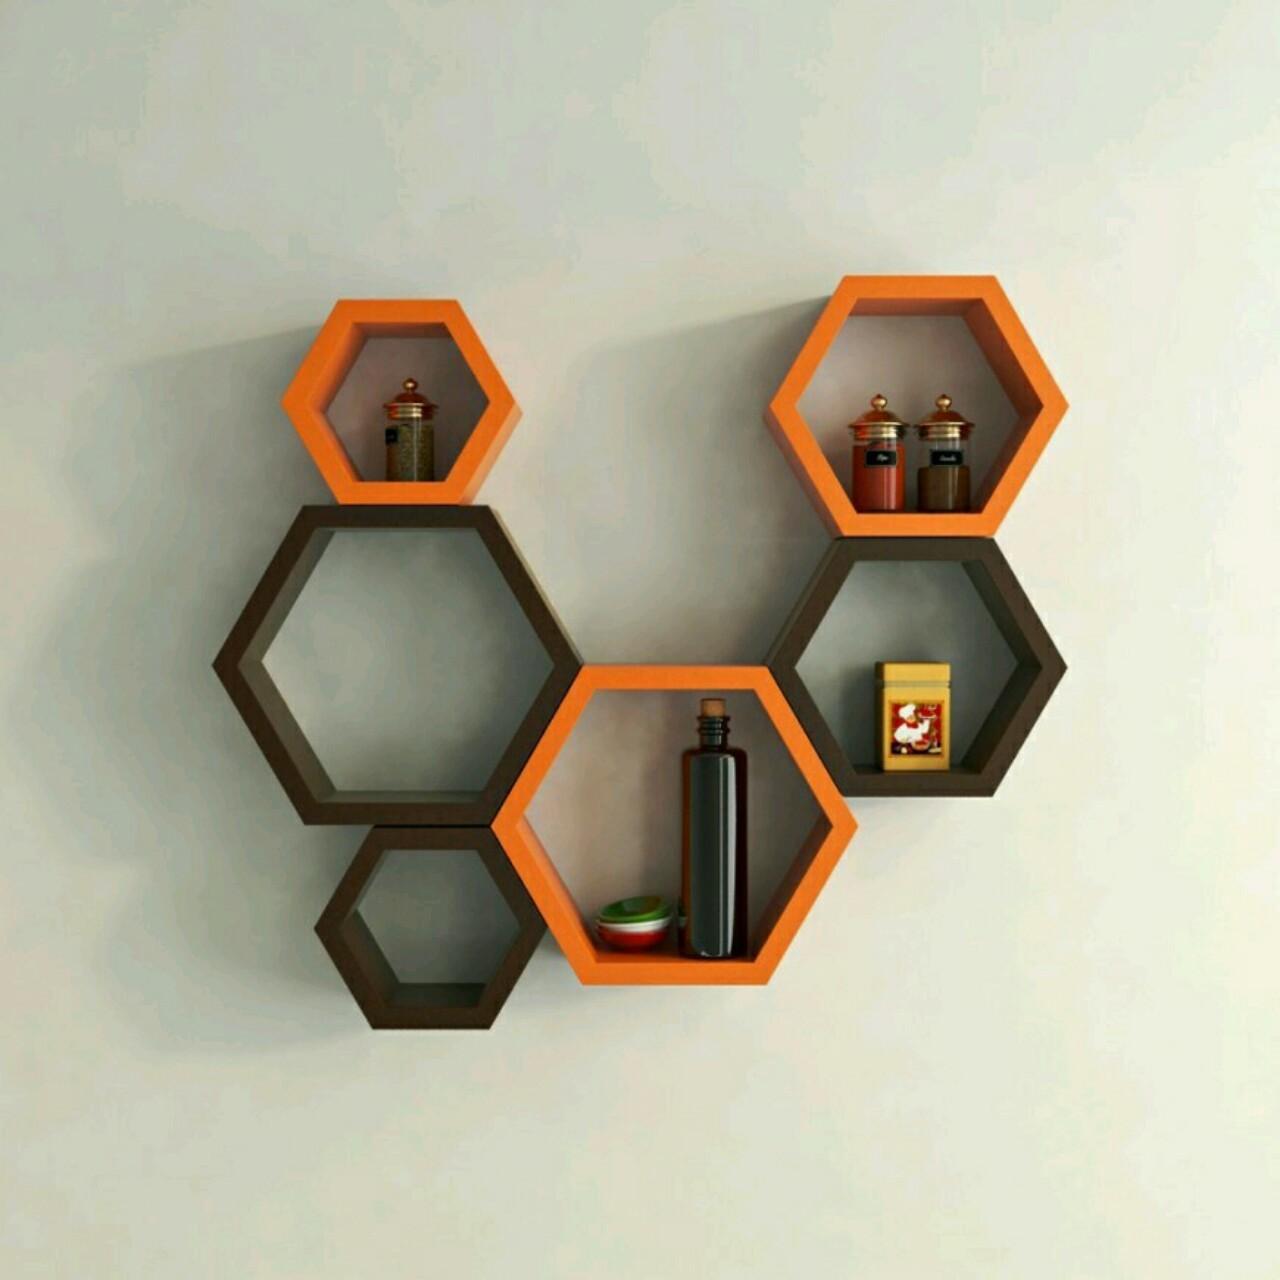 Hexagonal Wall Shelf - Handicrafts Original